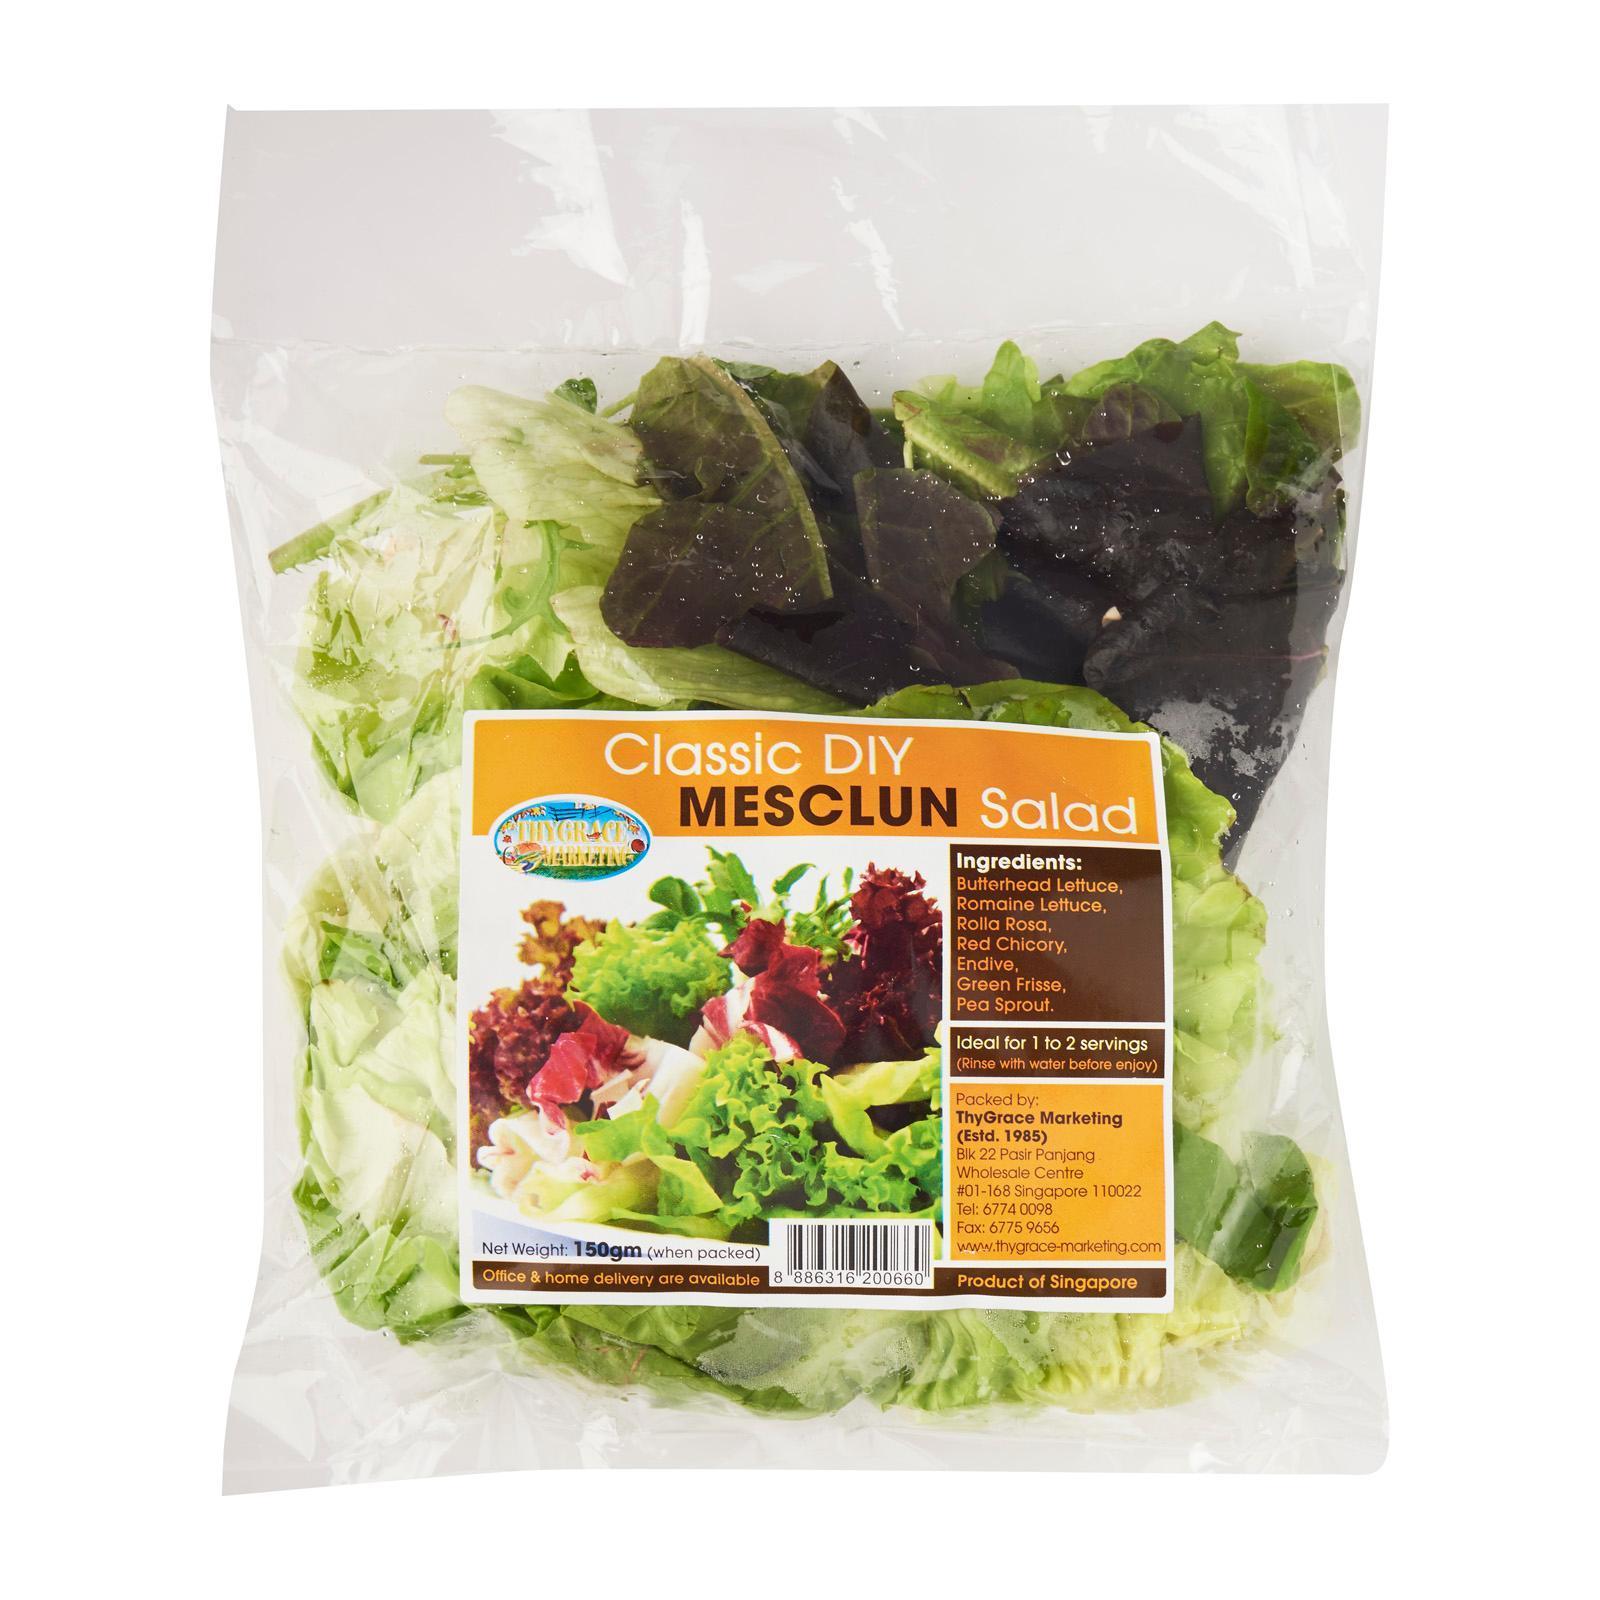 ThyGrace Mesclun Salad Mix